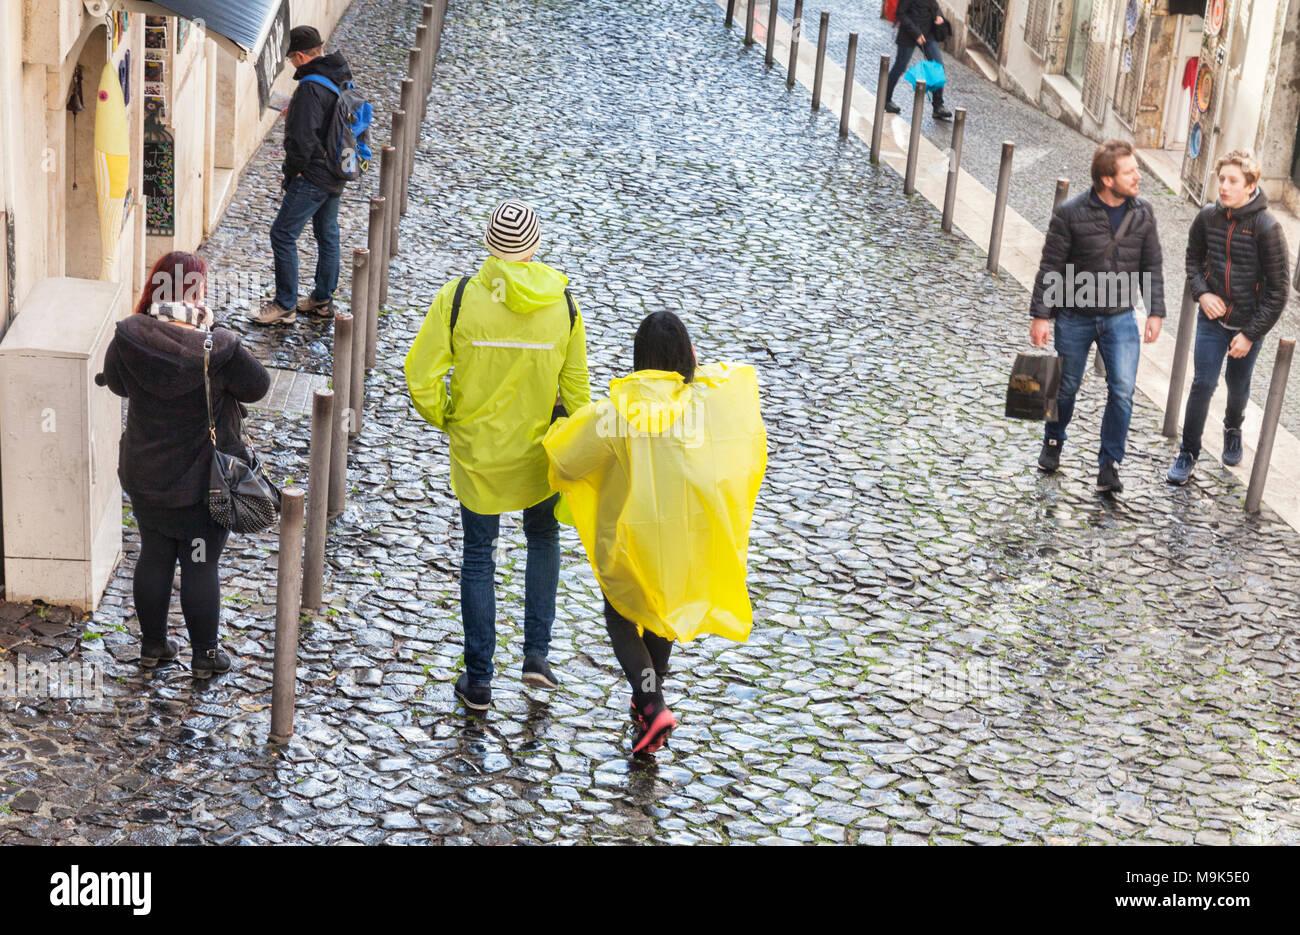 1 mars 2018: Lisbonne Portugal - Couple portant des capes de pluie en plastique jaune dans la vieille ville de Lisbonne par temps humide. Banque D'Images